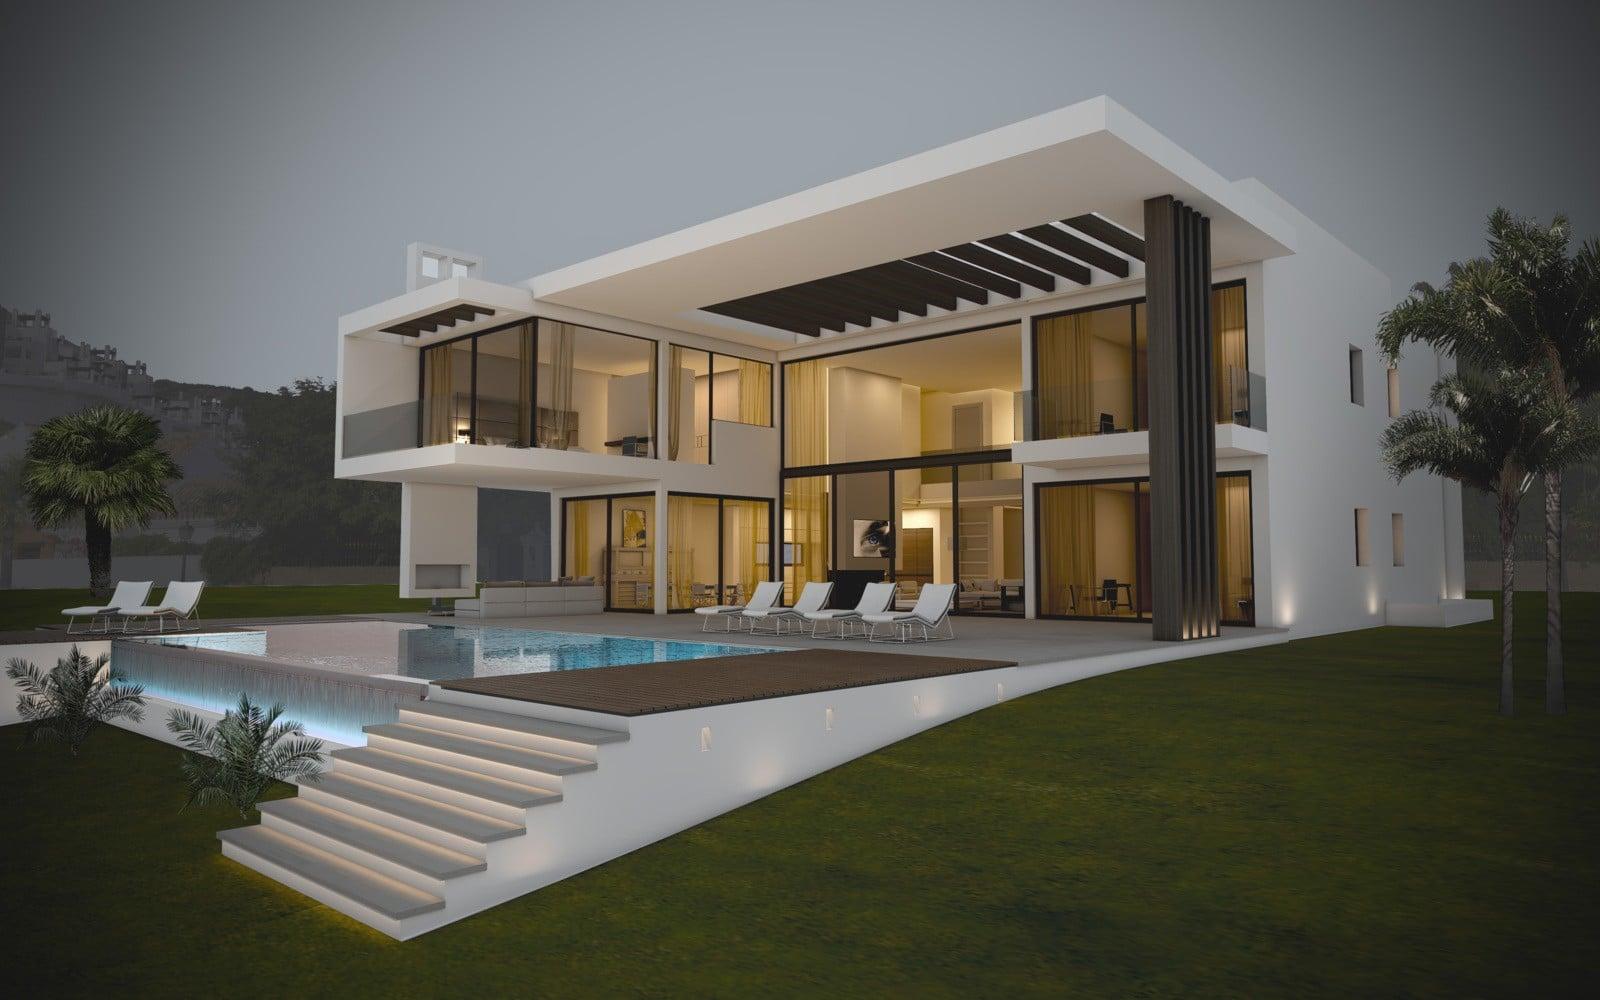 Location maison Nantes : quel budget prévoir pour louer une maison